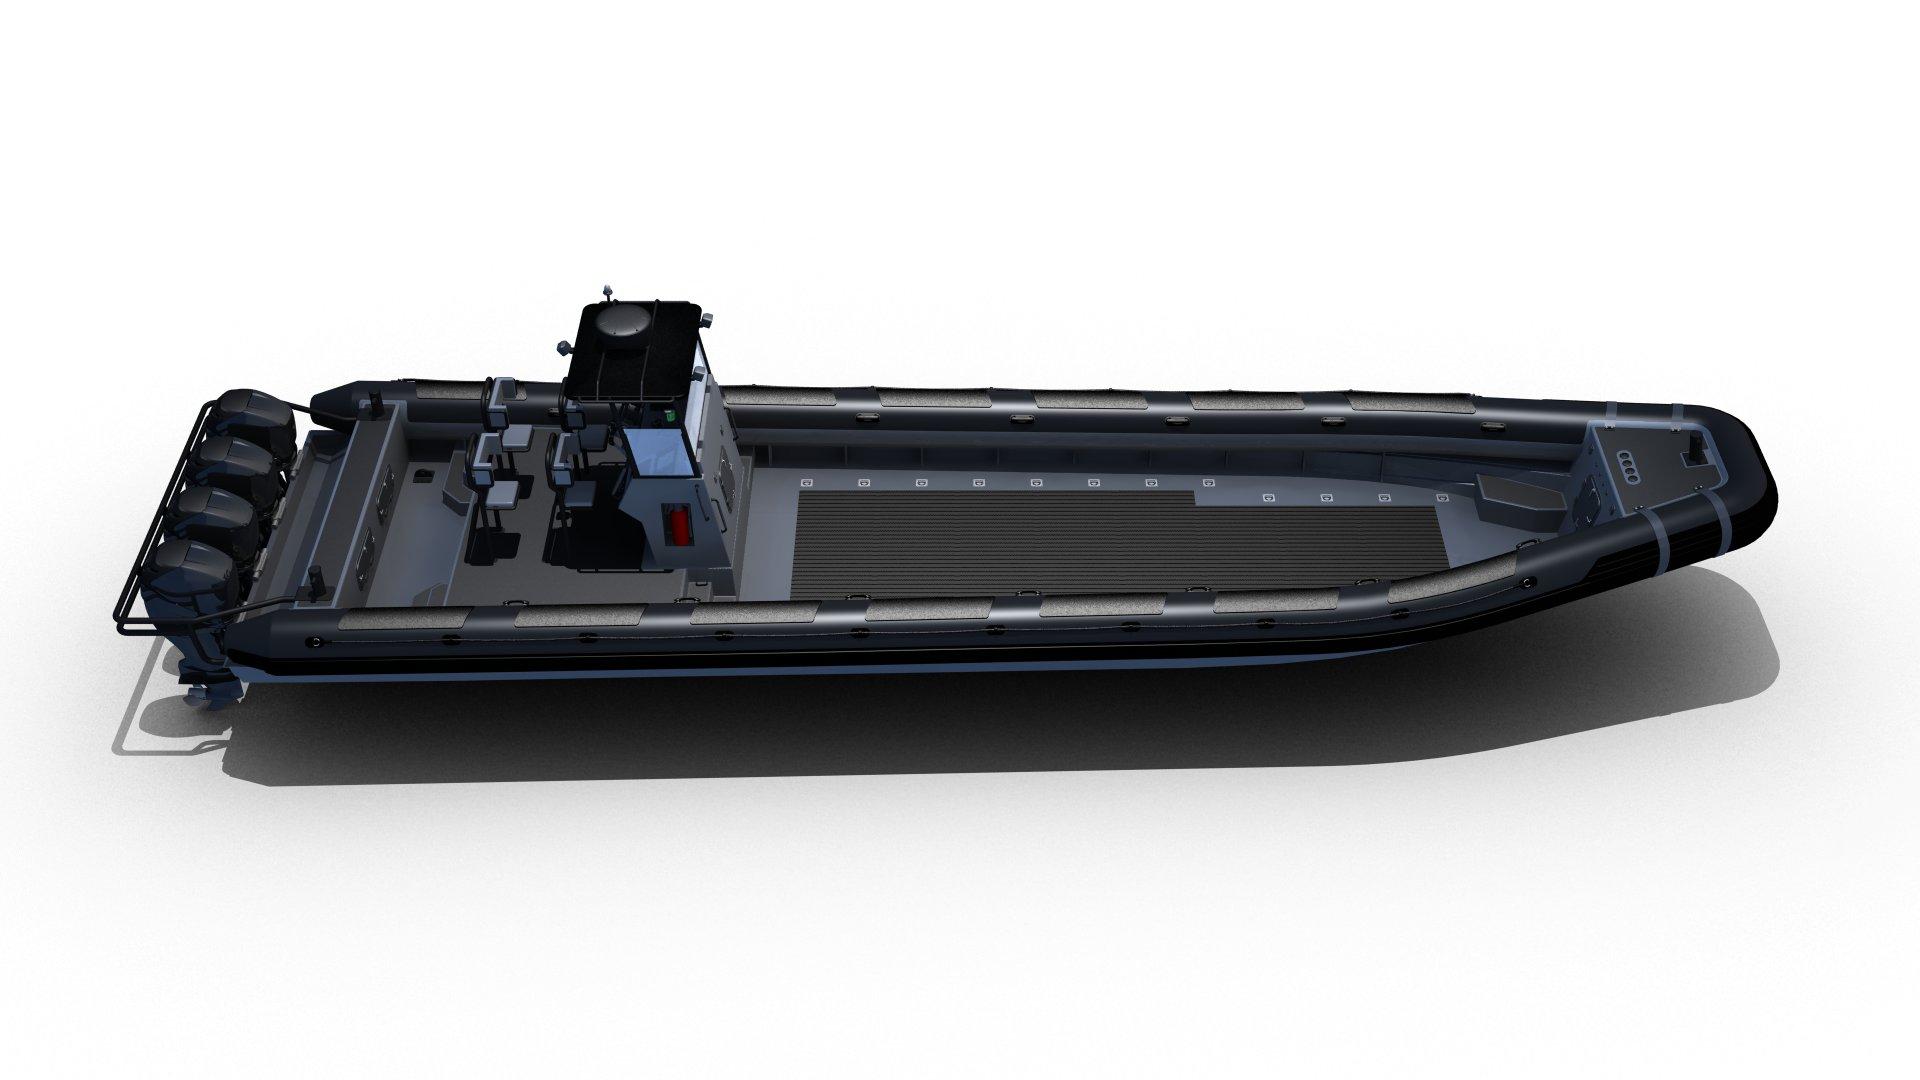 http://www.m-ribs.eu/wp-content/uploads/MRC1500-Cargo-4x-aanzicht3-720x340.jpg